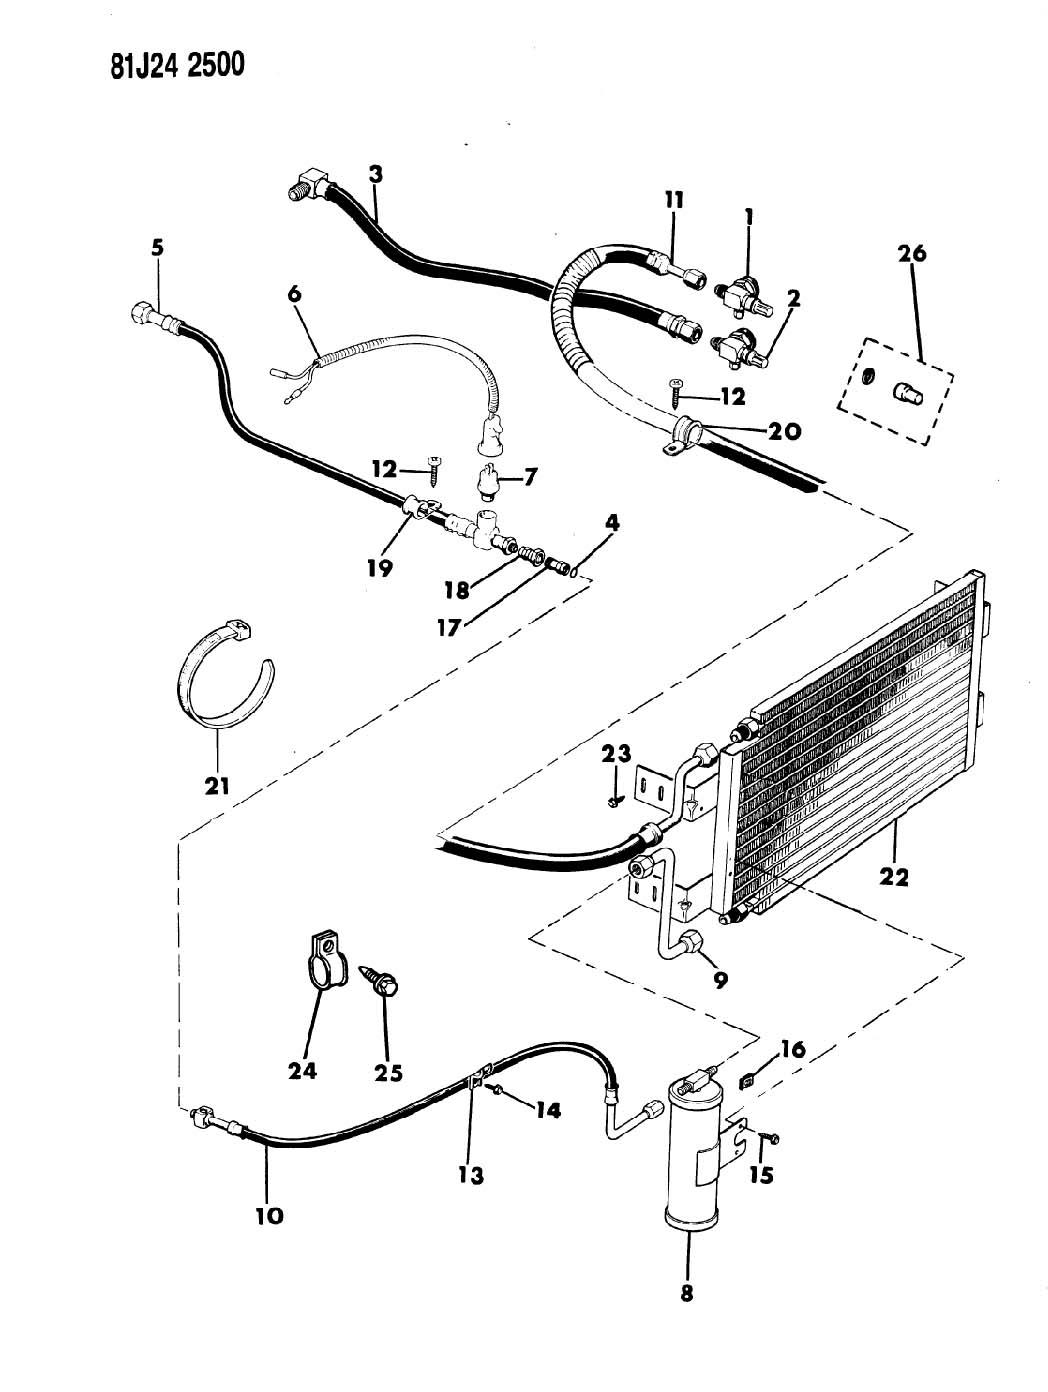 Wiring Diagram J10 Hvac Diagrams Wiring Diagram